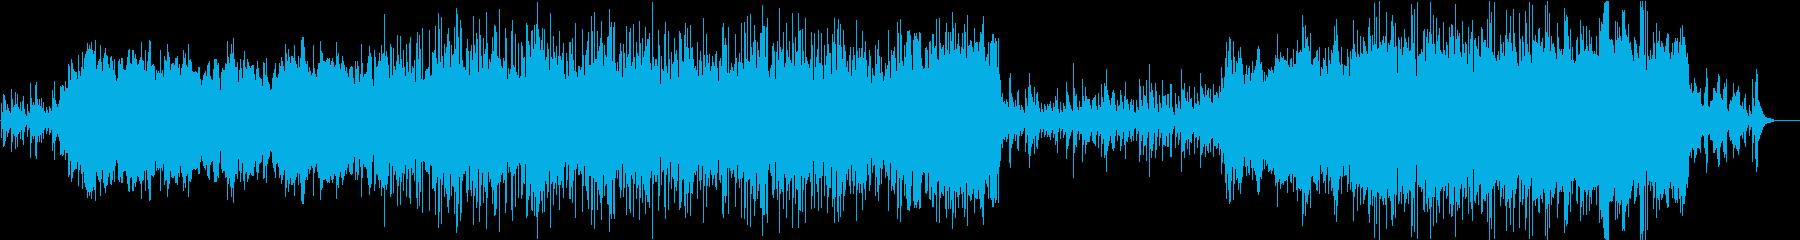 【映像】冷たい、cool、ベルのBGMの再生済みの波形